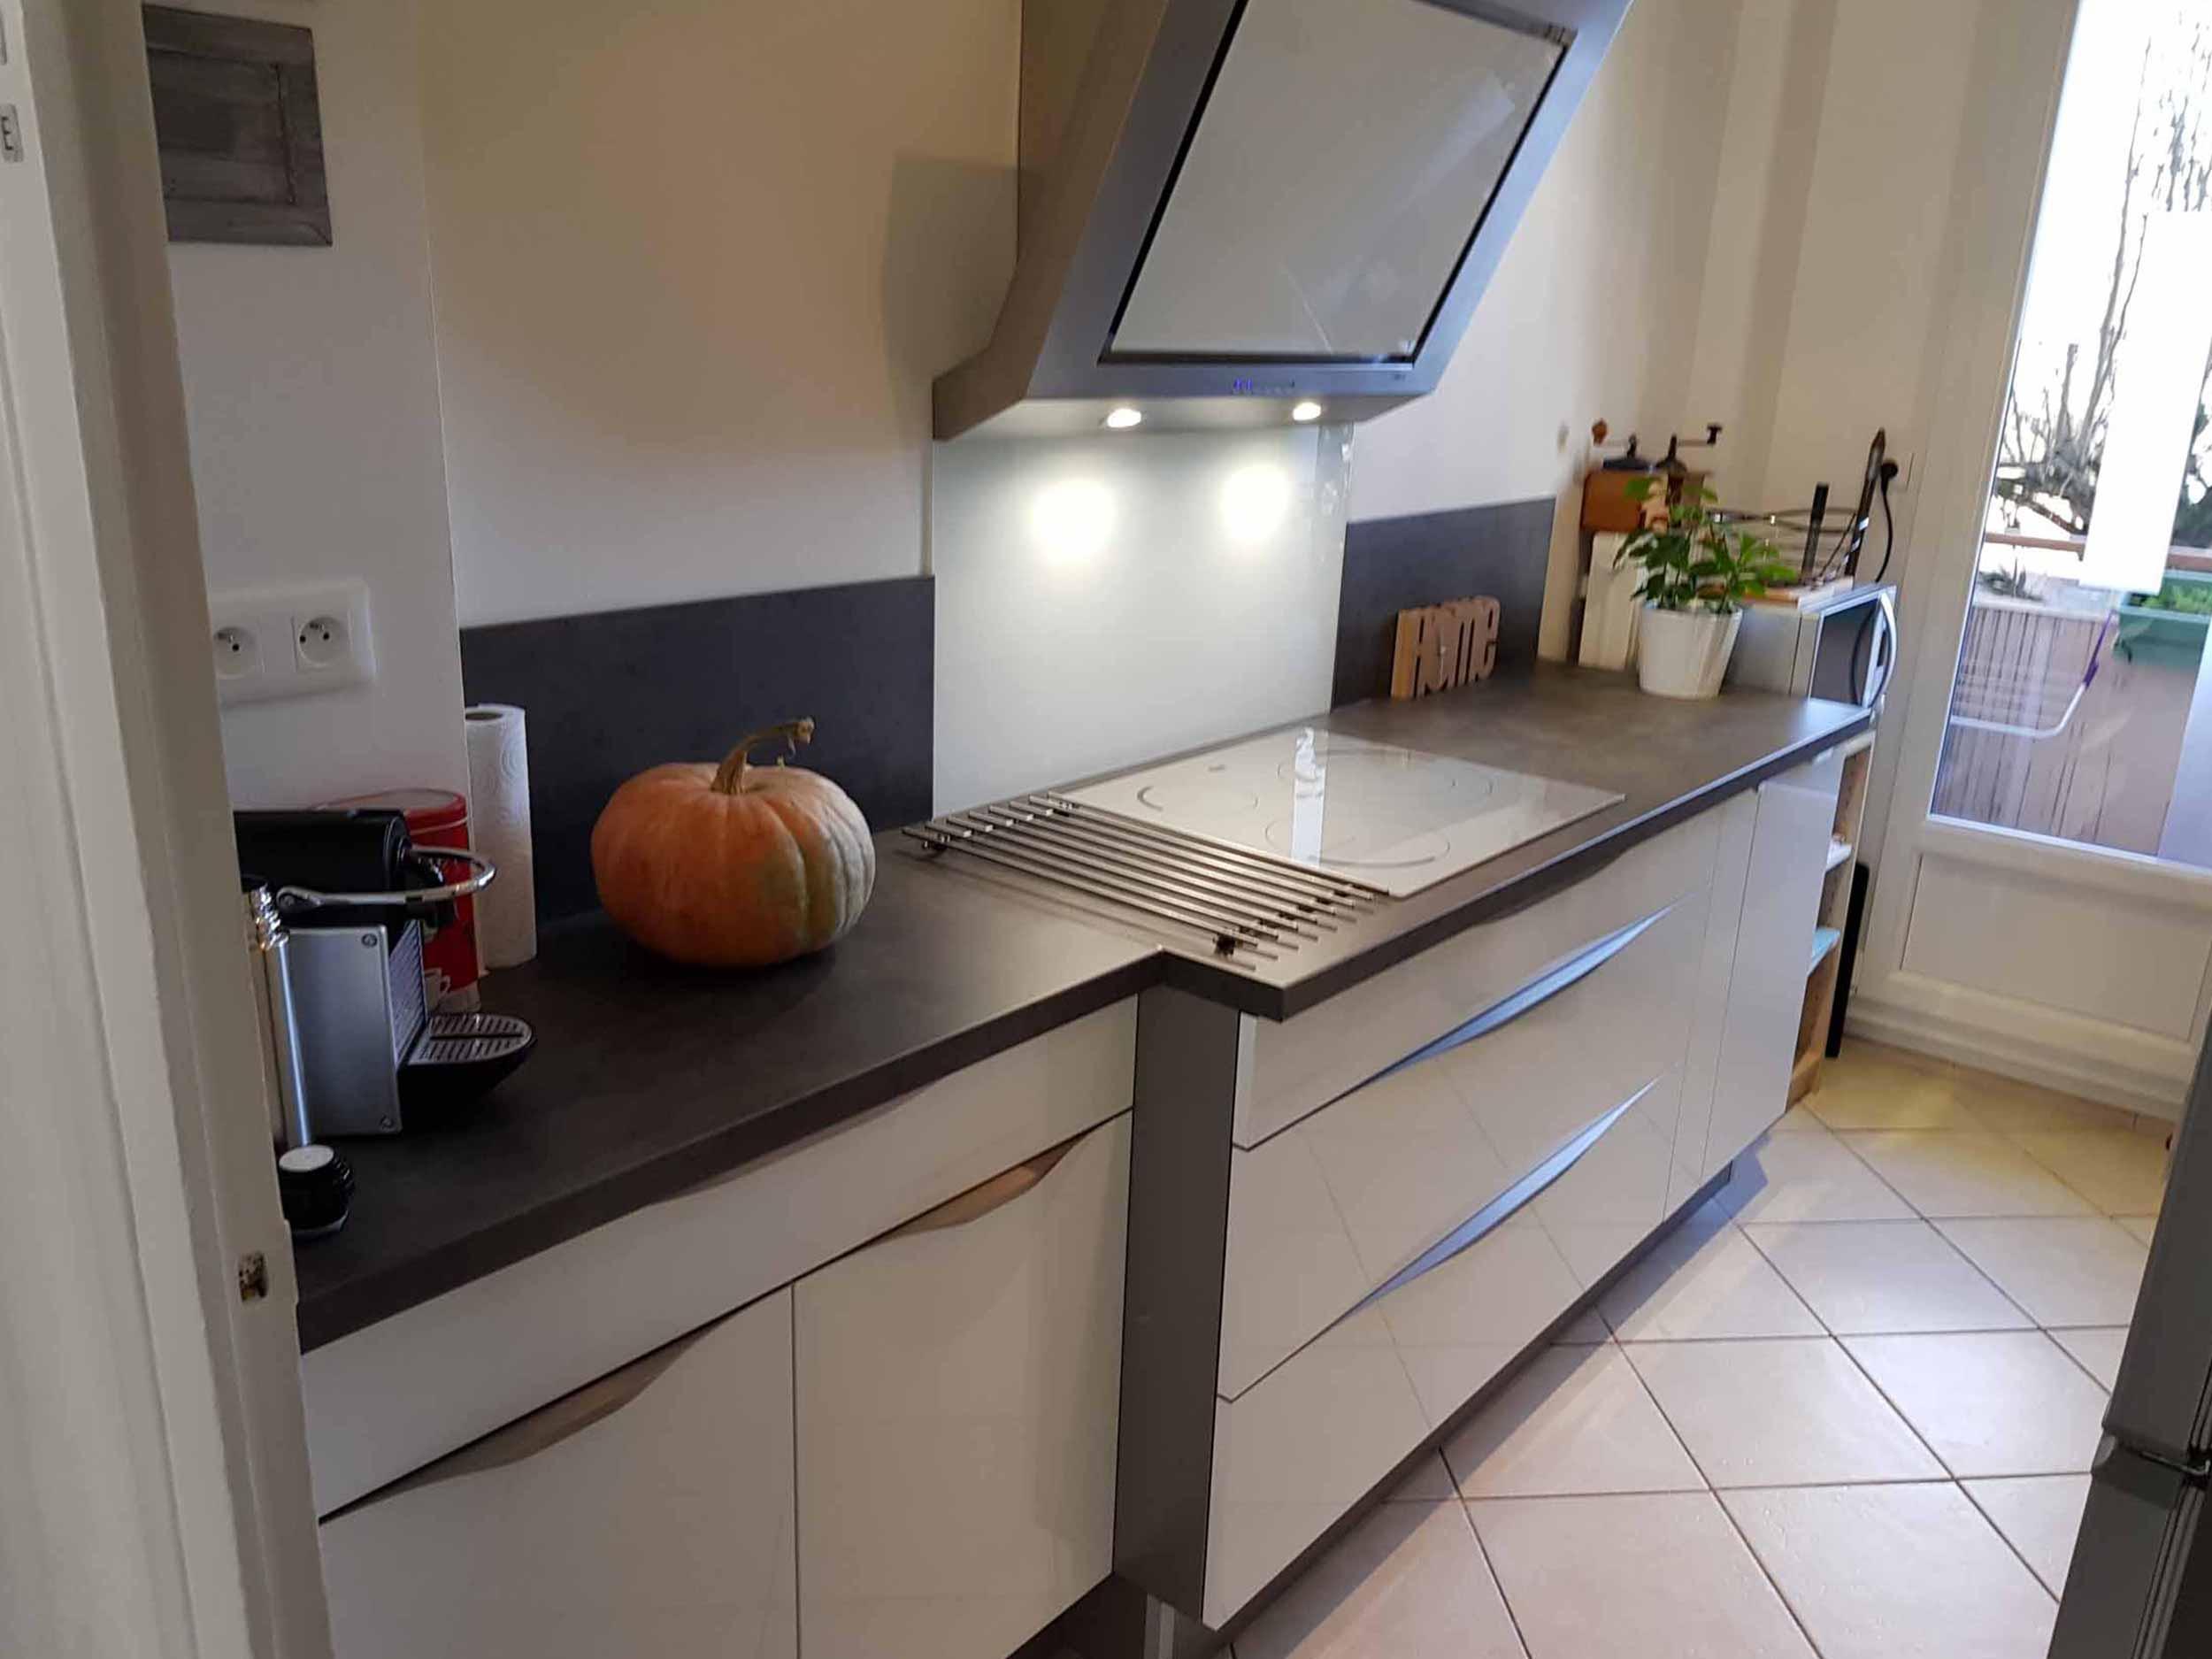 Rénovation d'un appartement à Villefranche-sur-Saône (69400)